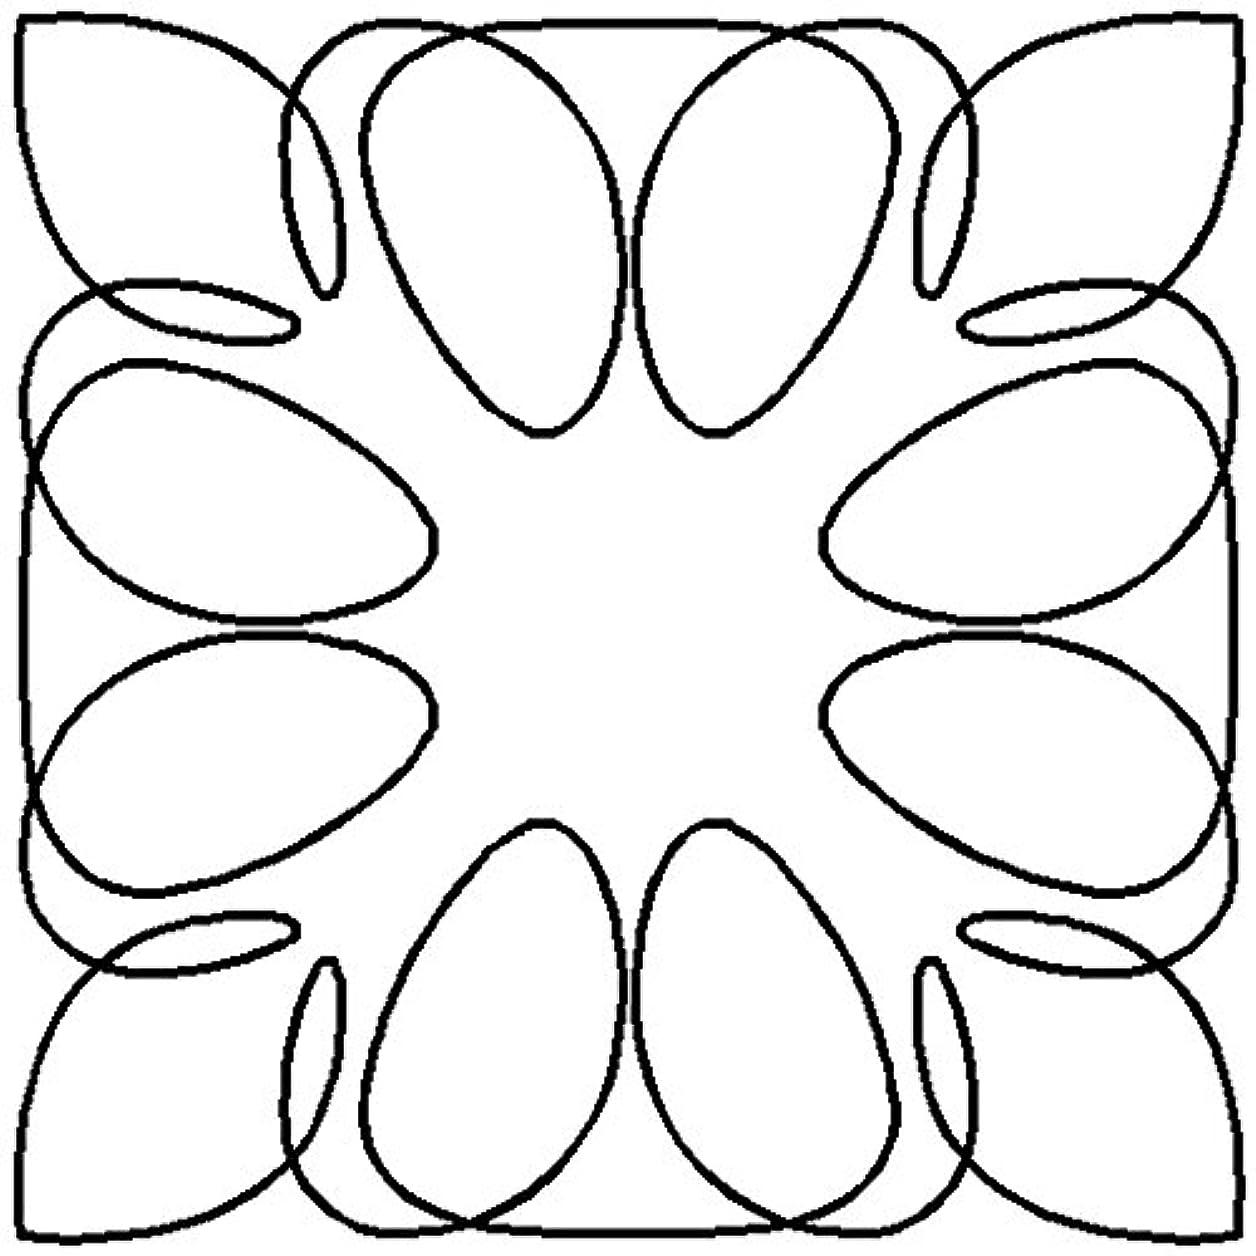 Quilting Creations Retro Block 2 Continuous Line Quilting Stencil, 7 irwfqkzocyvqizom